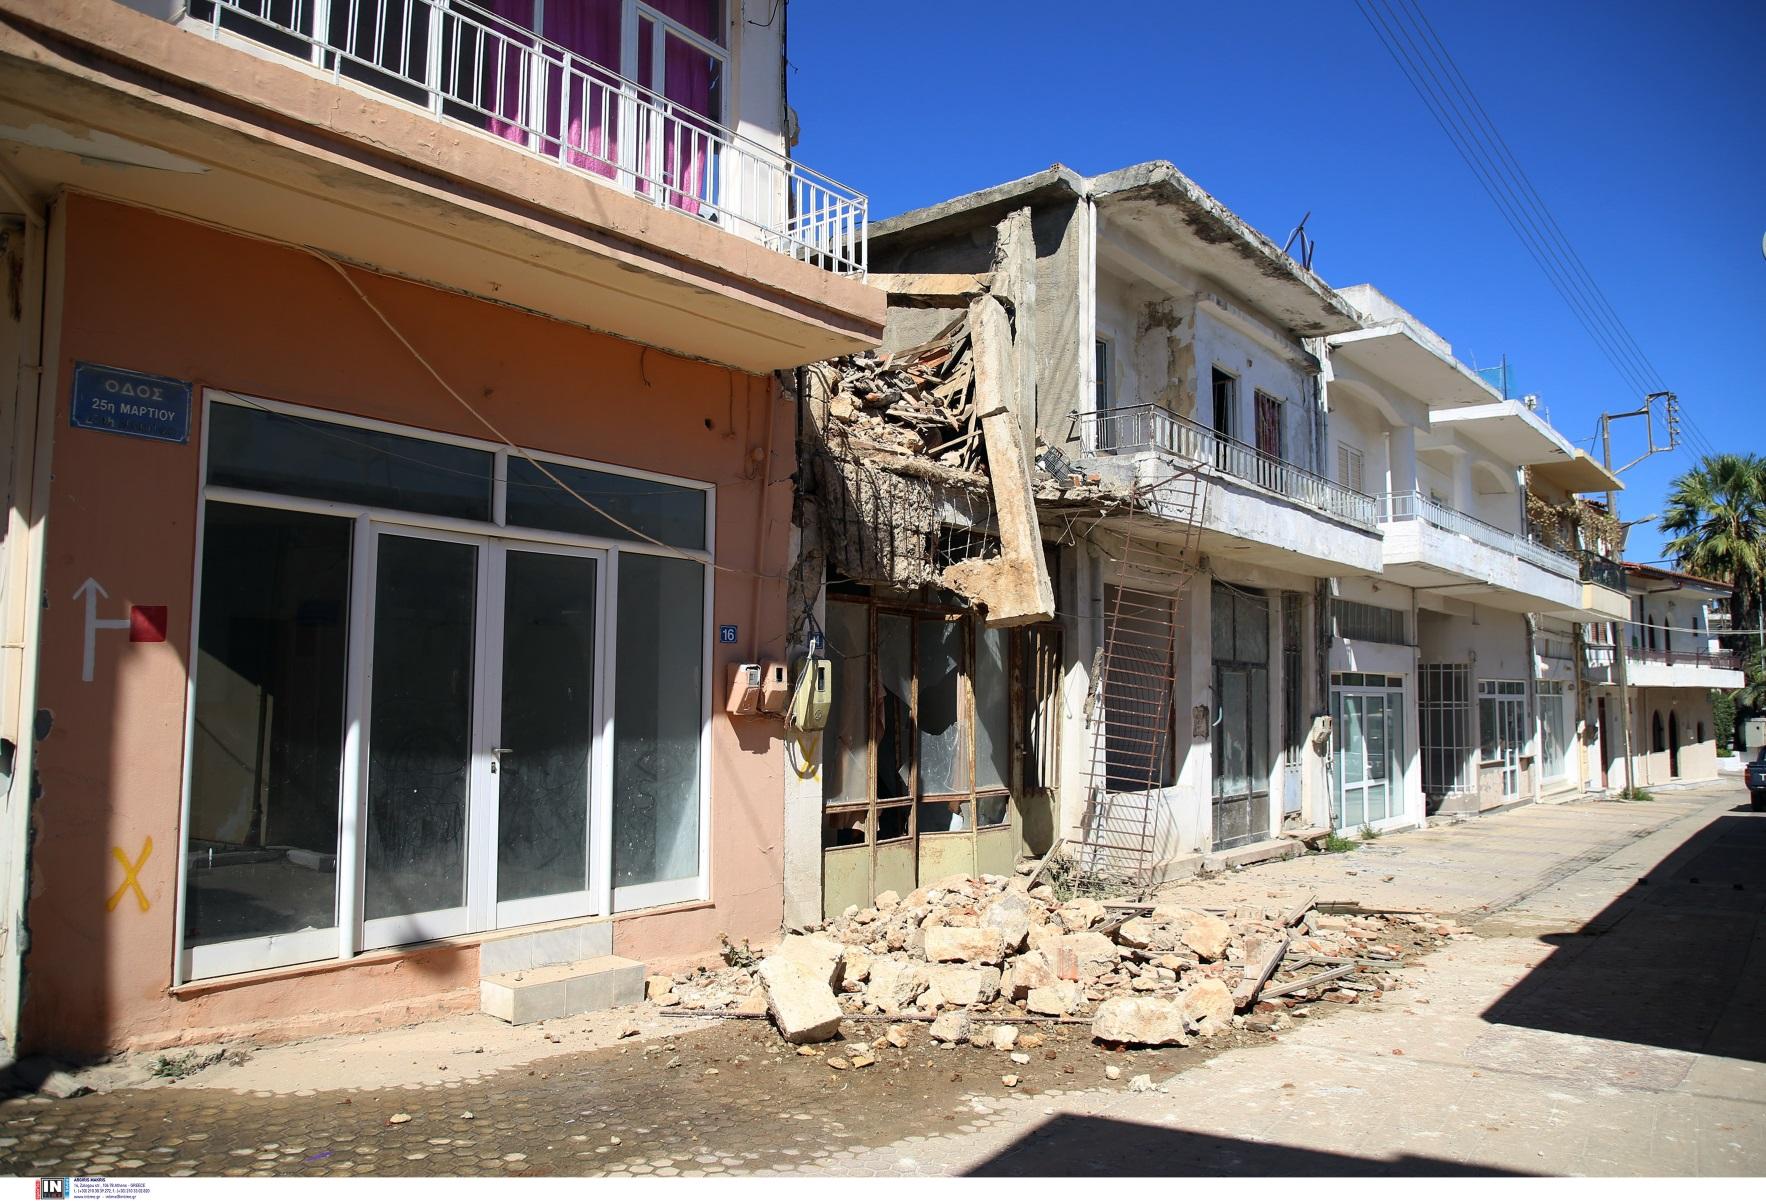 Σεισμός στην Κρήτη: 2.500 σκηνές για τους σεισμόπληκτους – Σε κατάσταση έκτακτης ανάγκης ο δήμος Μινώα Πεδιάδας